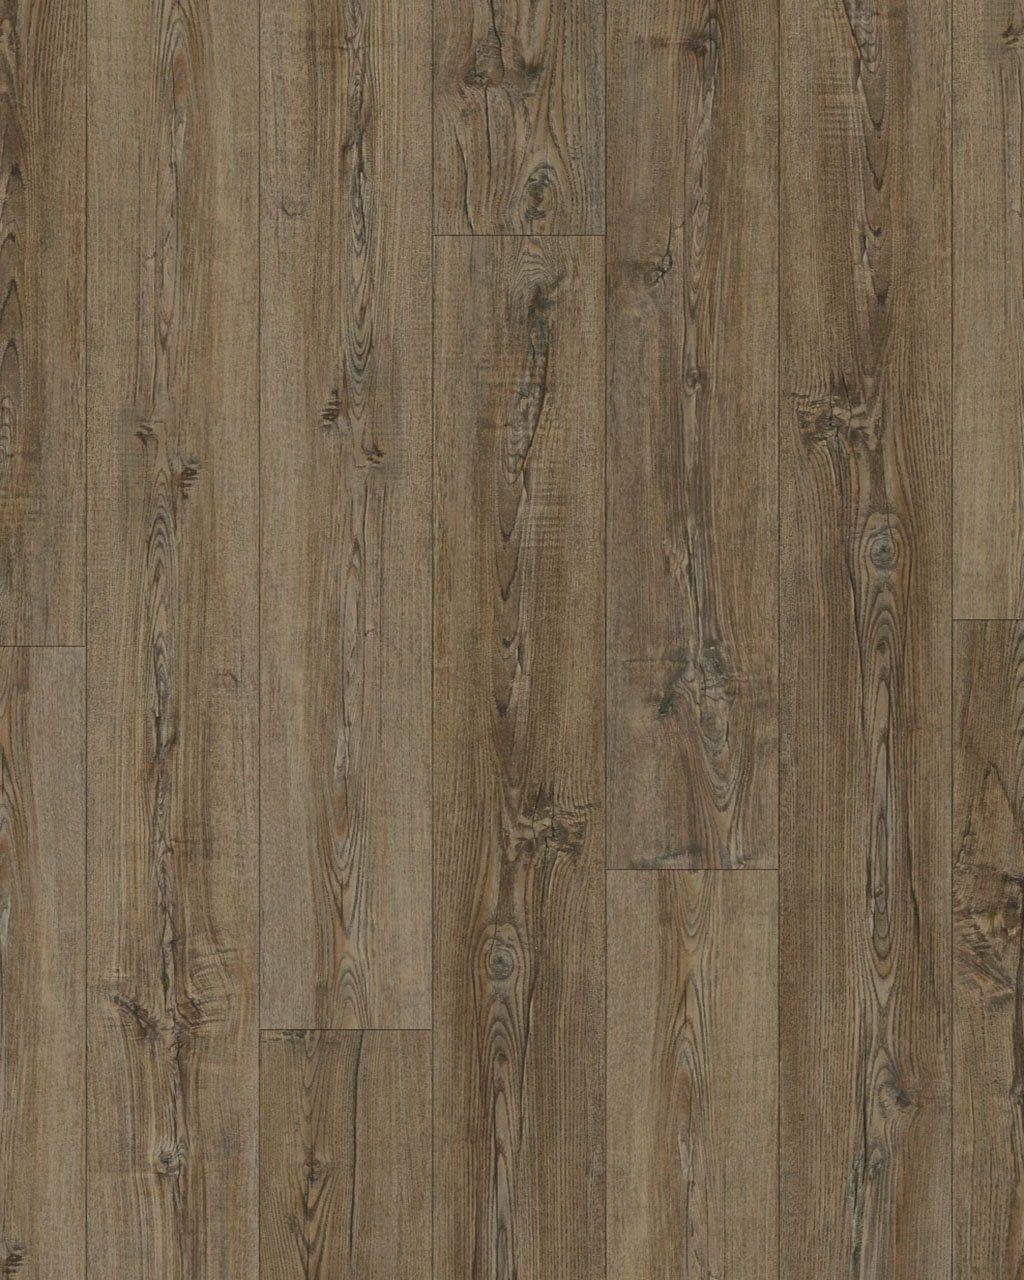 Coretec Plus Hd Sherwood Rustic Pine Waterproof Vinyl Floor